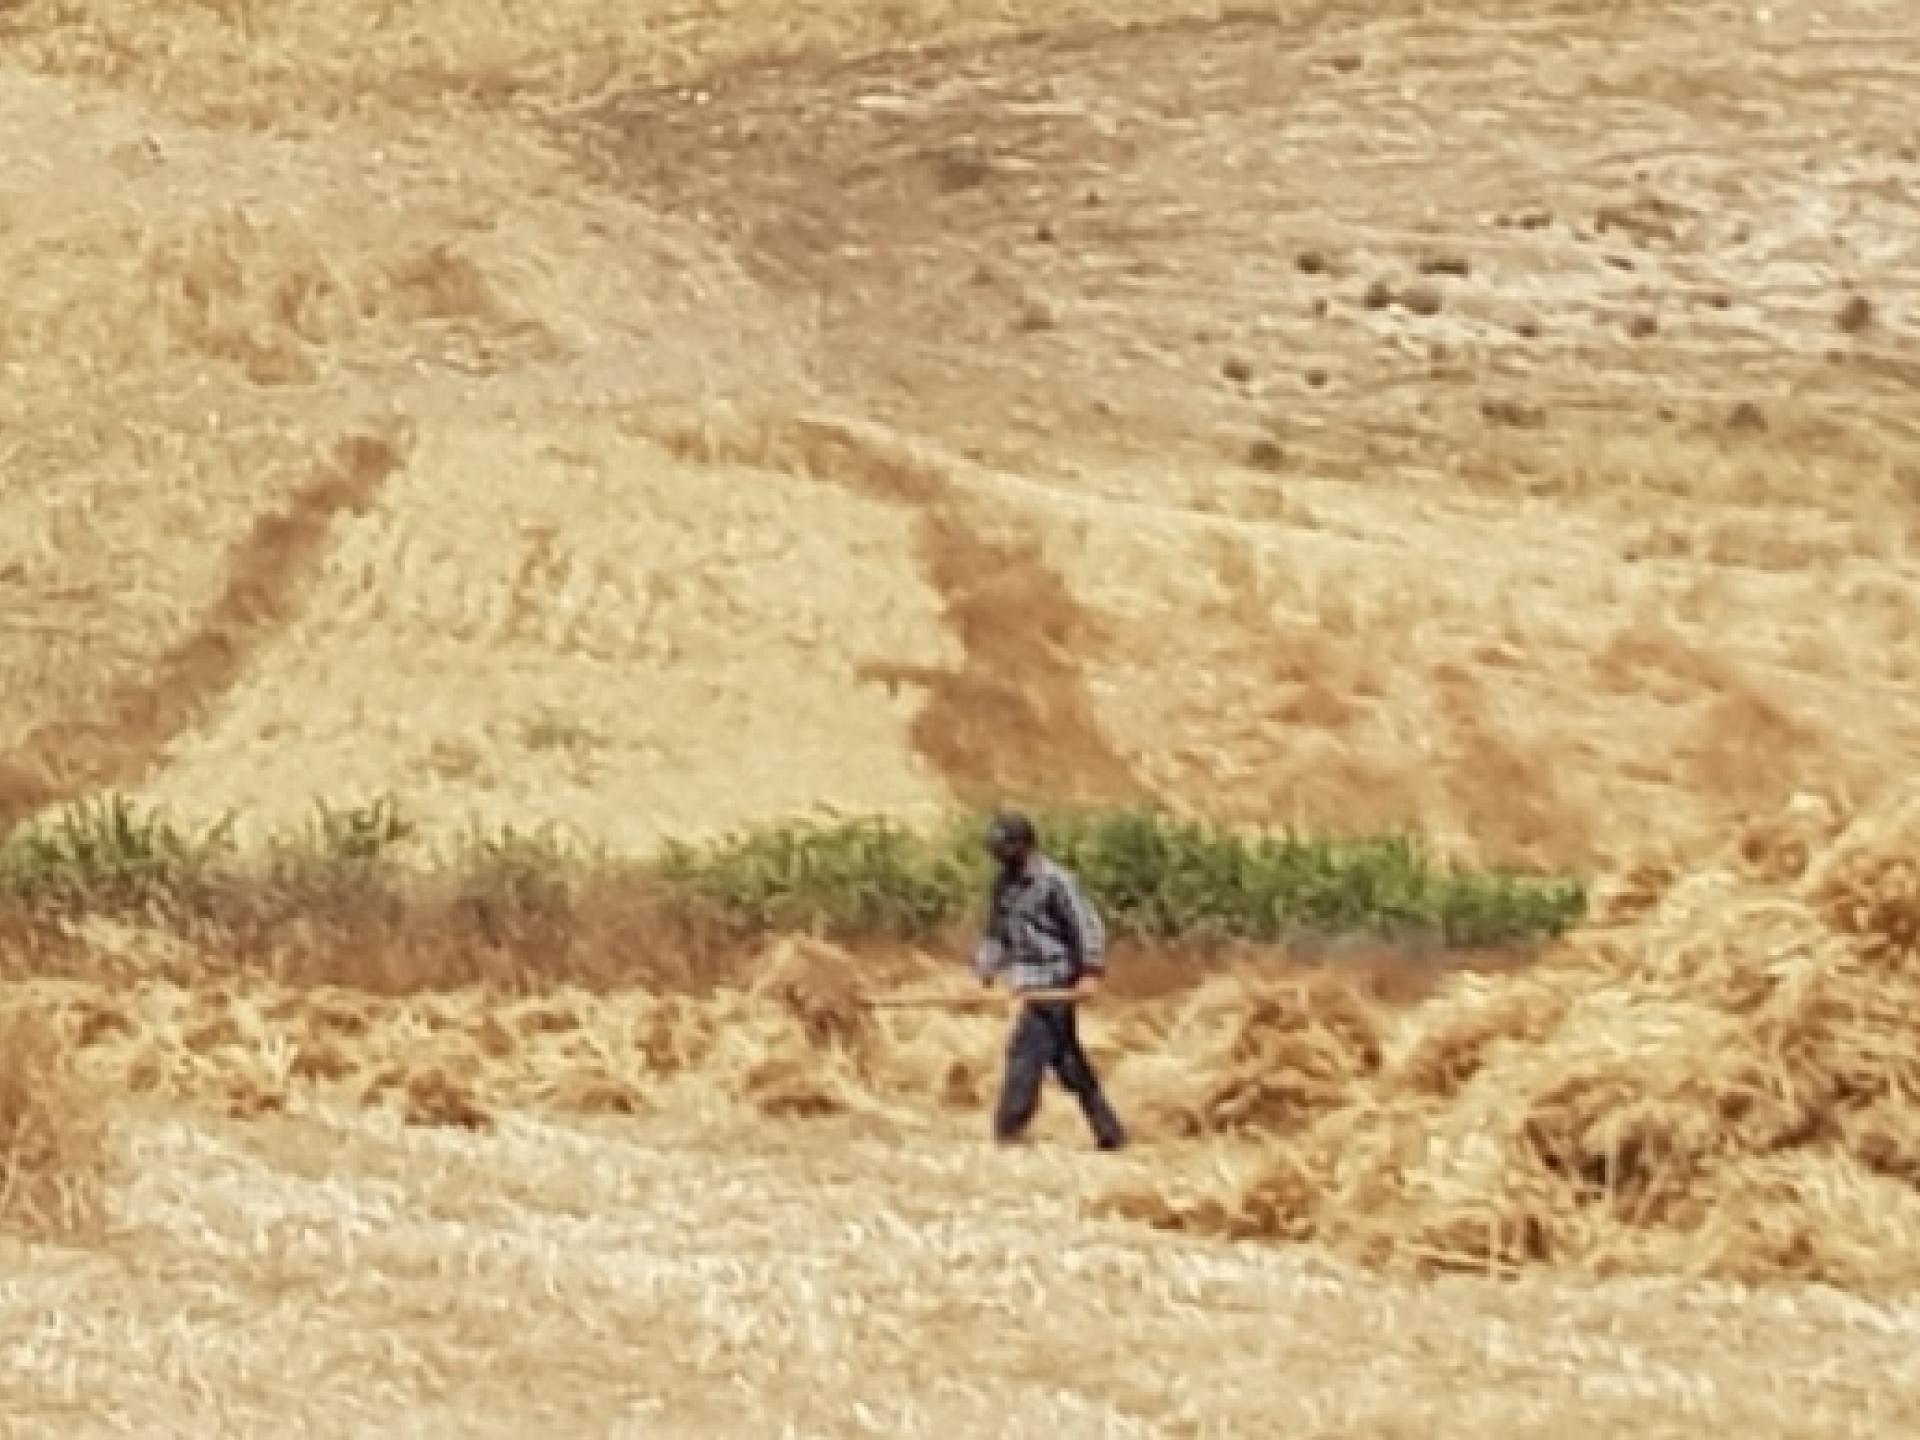 קציר חיטה בדרום הר חברון